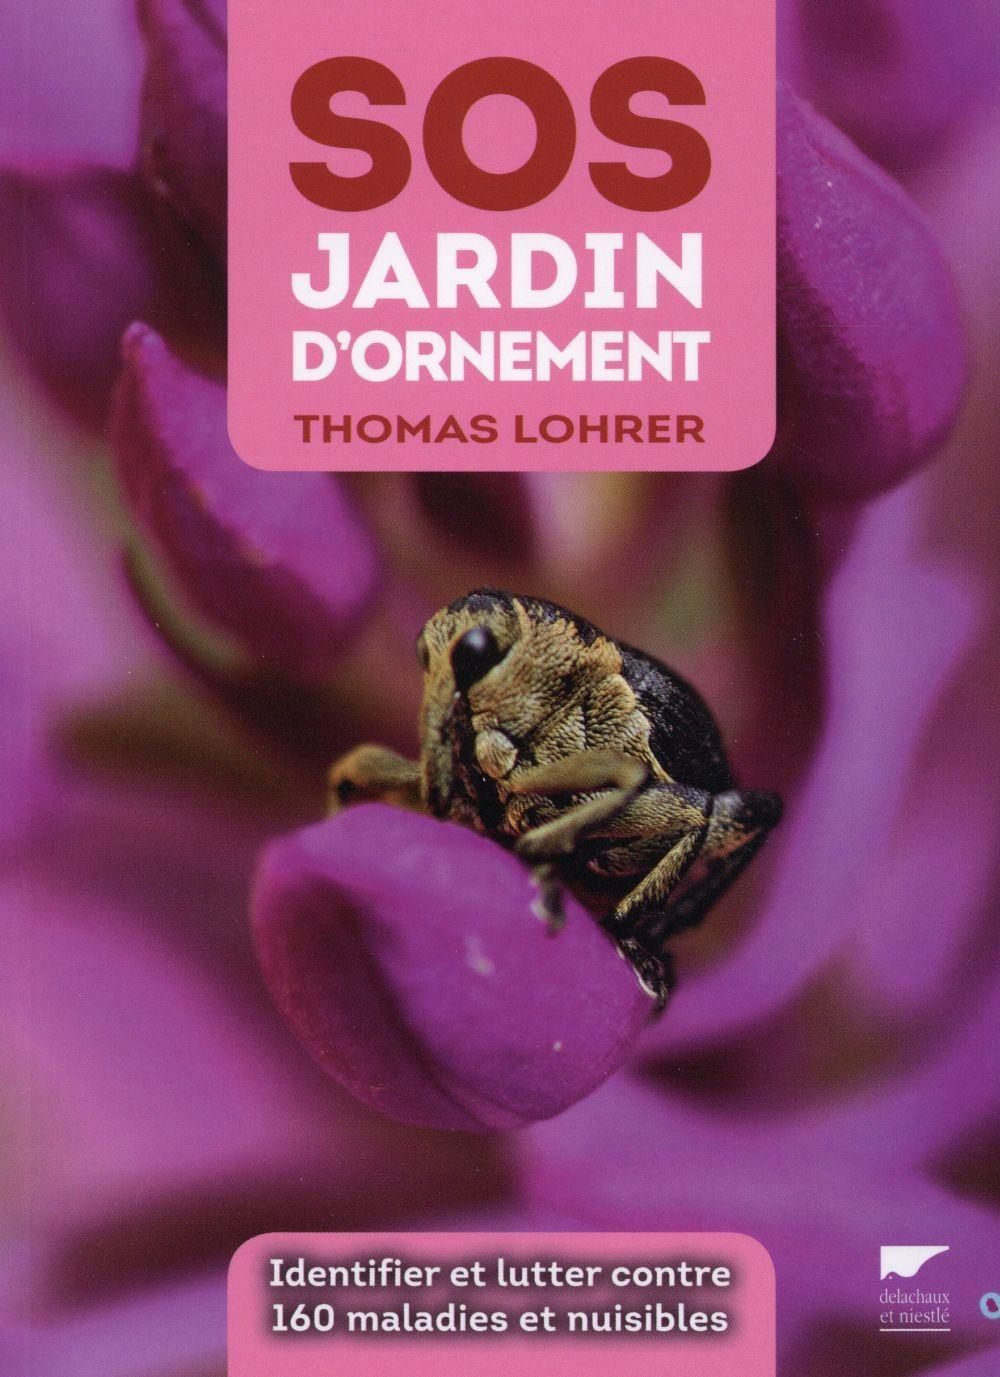 Sos jardin d 39 ornement comment identifier et lutter contre 160 maladies et nuisibles thomas - Jardin d ornement ...